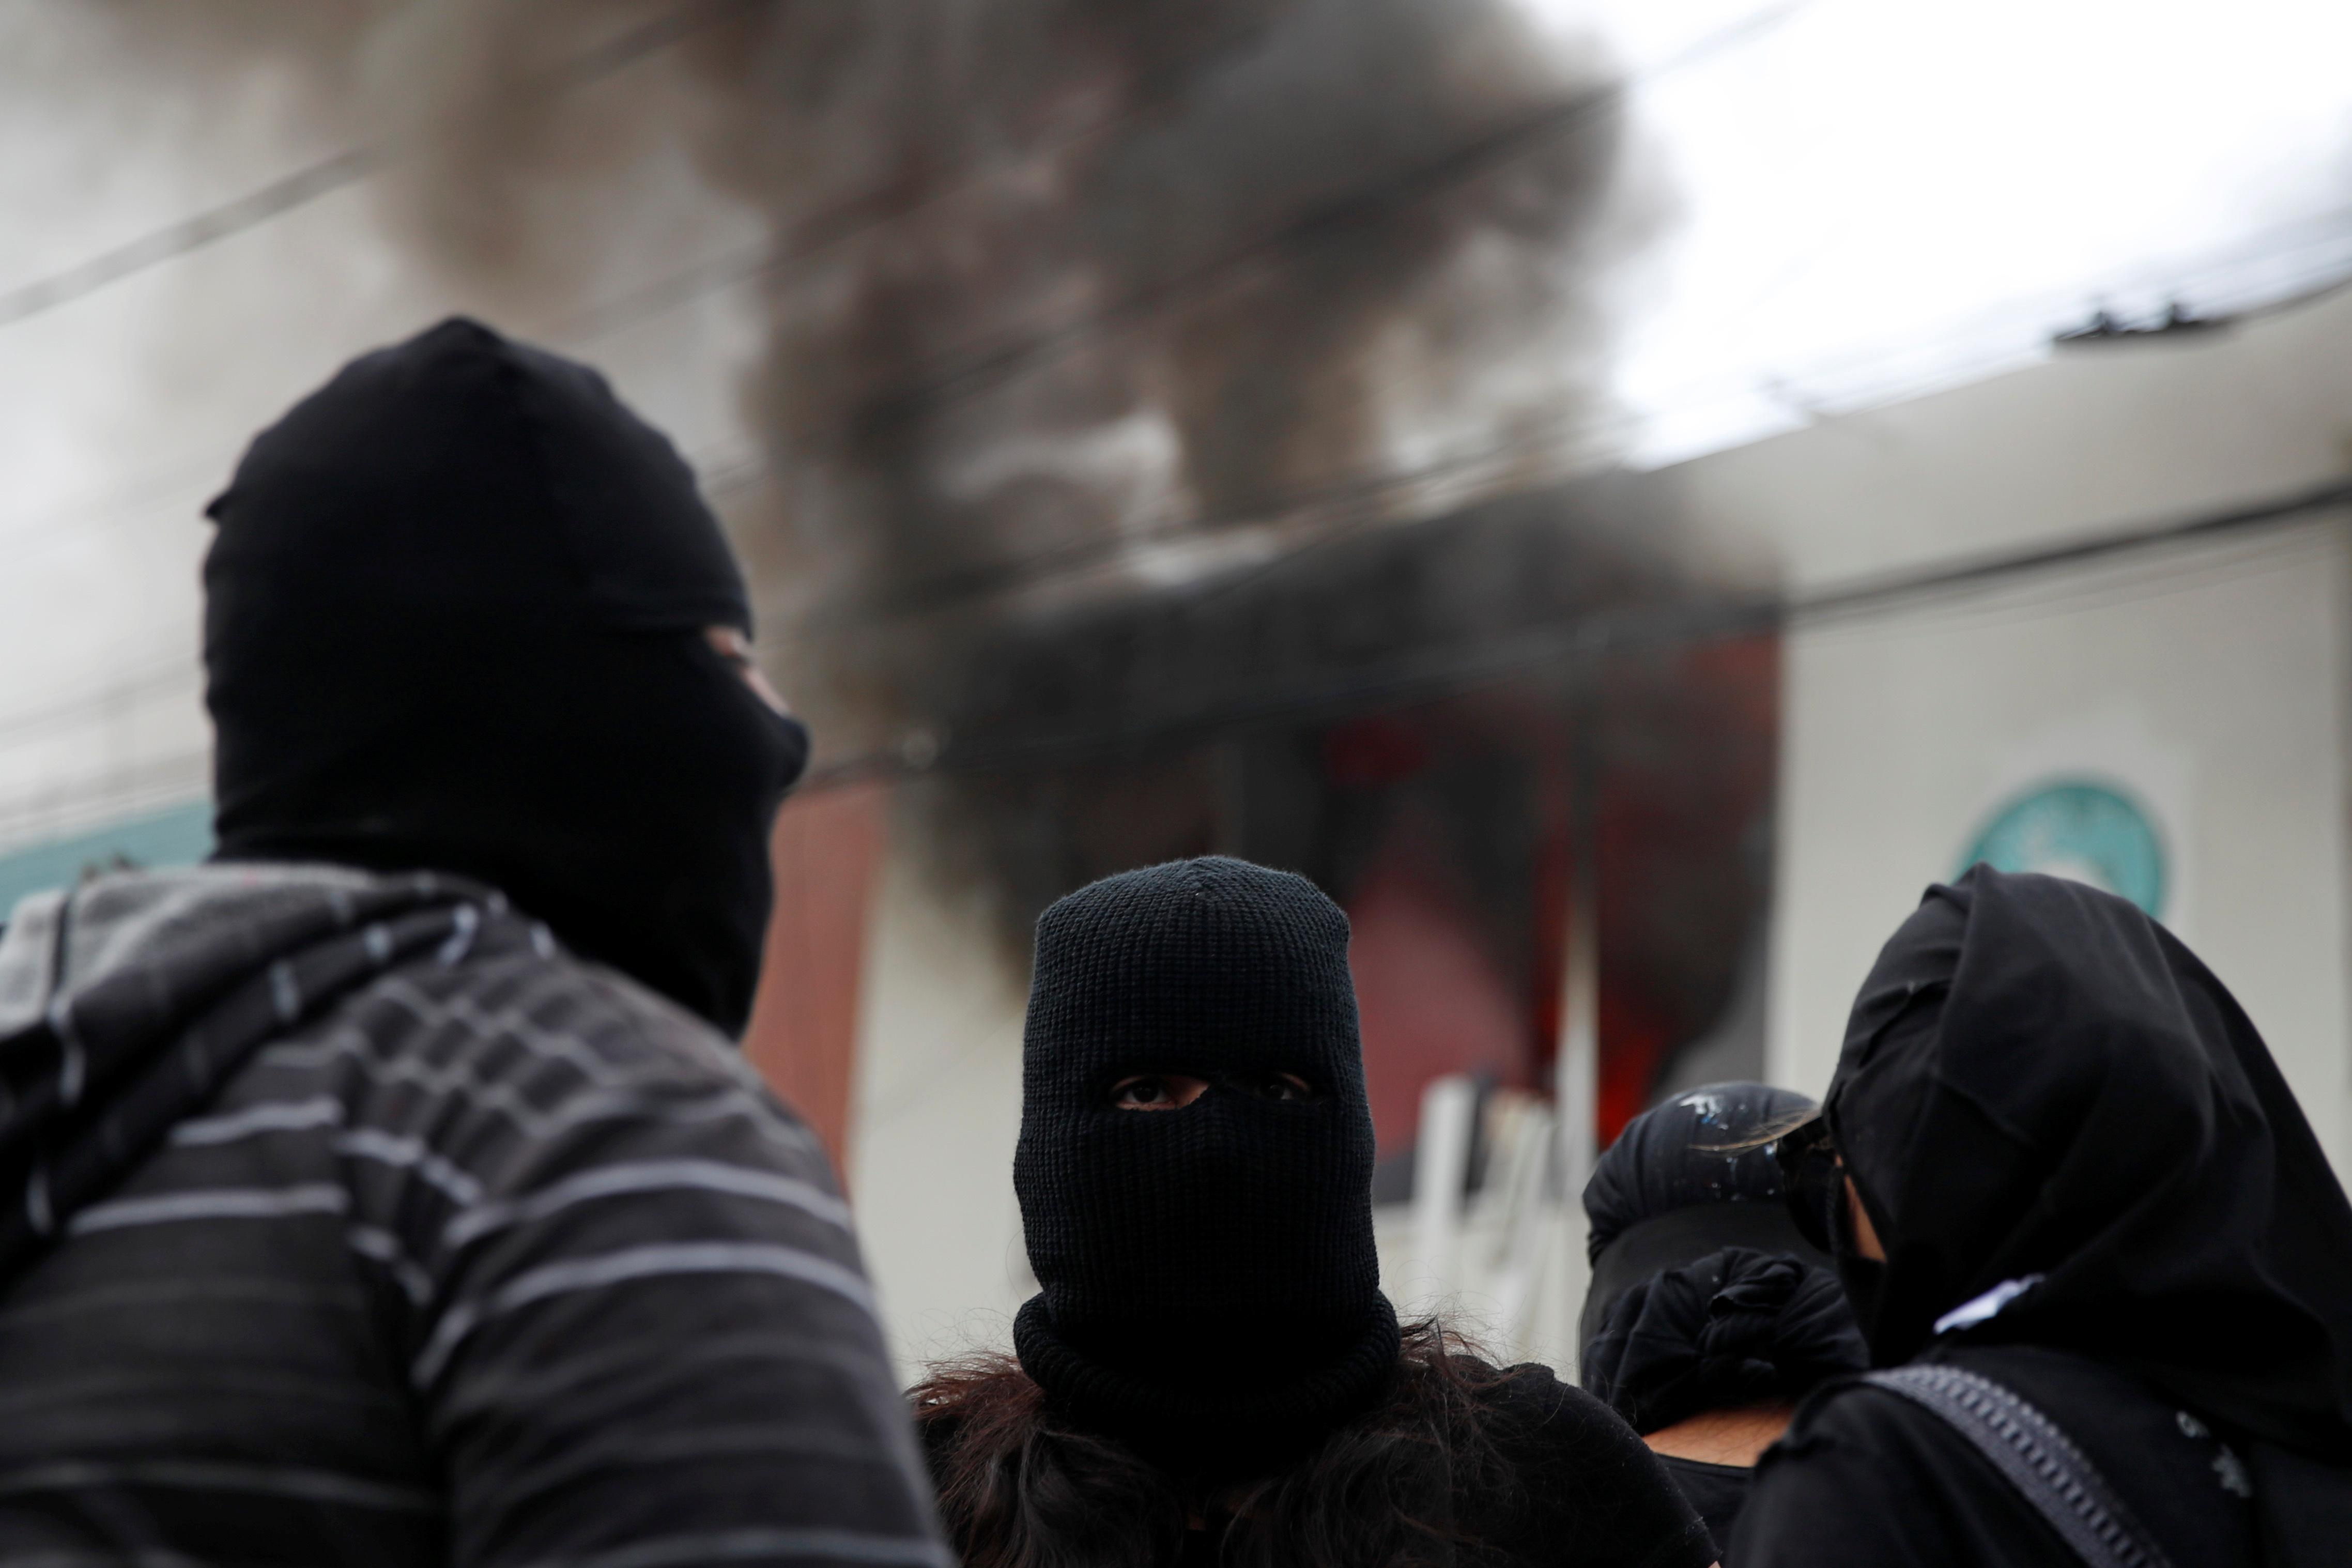 La ocupación de la Codhem precedió a la de la sede principal de la CNDH en Ciudad de México, que permanece tomada por familiares de víctimas y activistas desde la semana pasada para exigir respuesta del Gobierno a los altos niveles de asesinatos de mujeres.